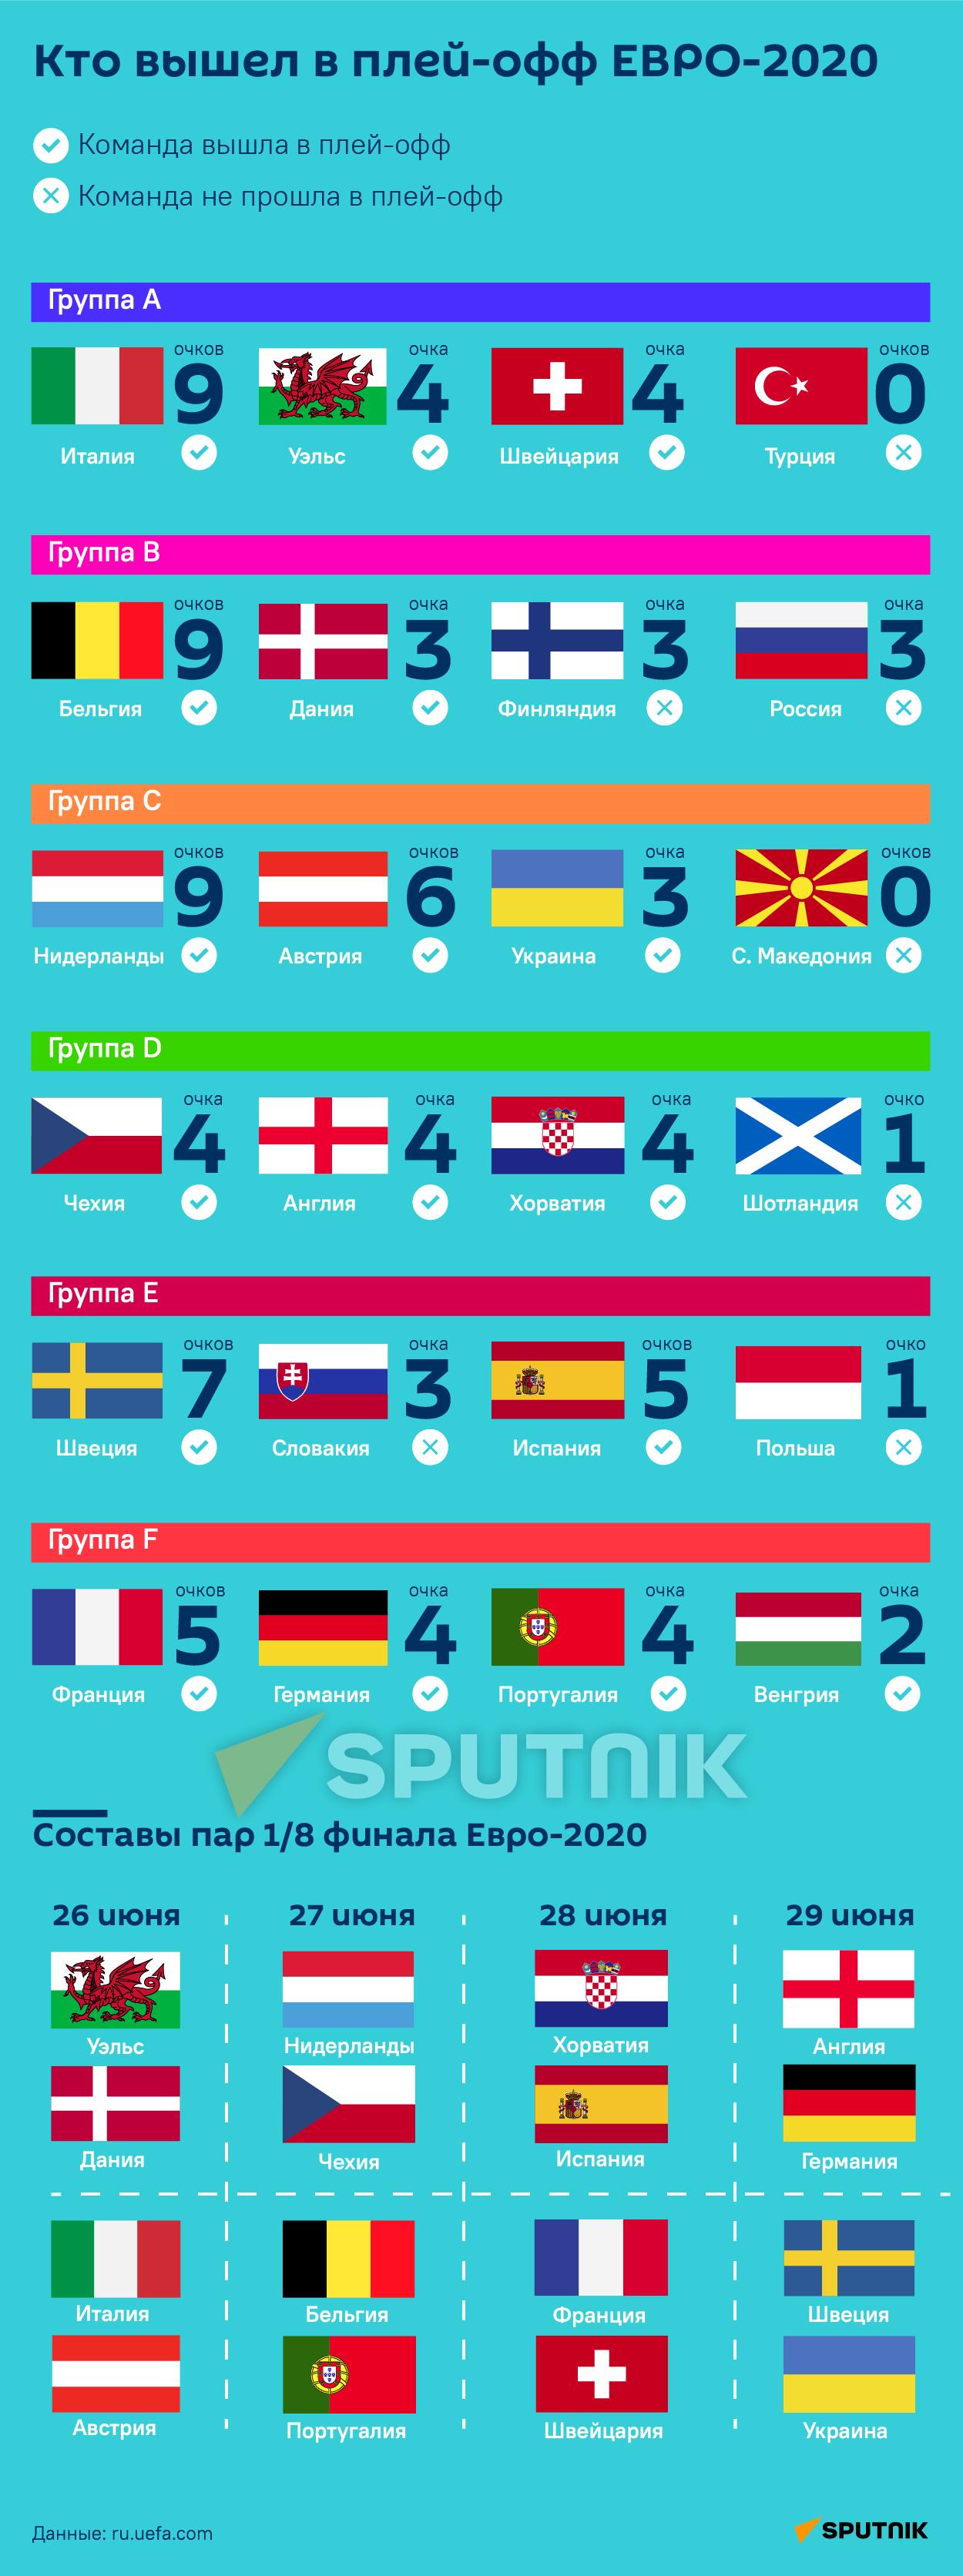 Кто вышел в плей-офф ЕВРО-2020 - Sputnik Таджикистан